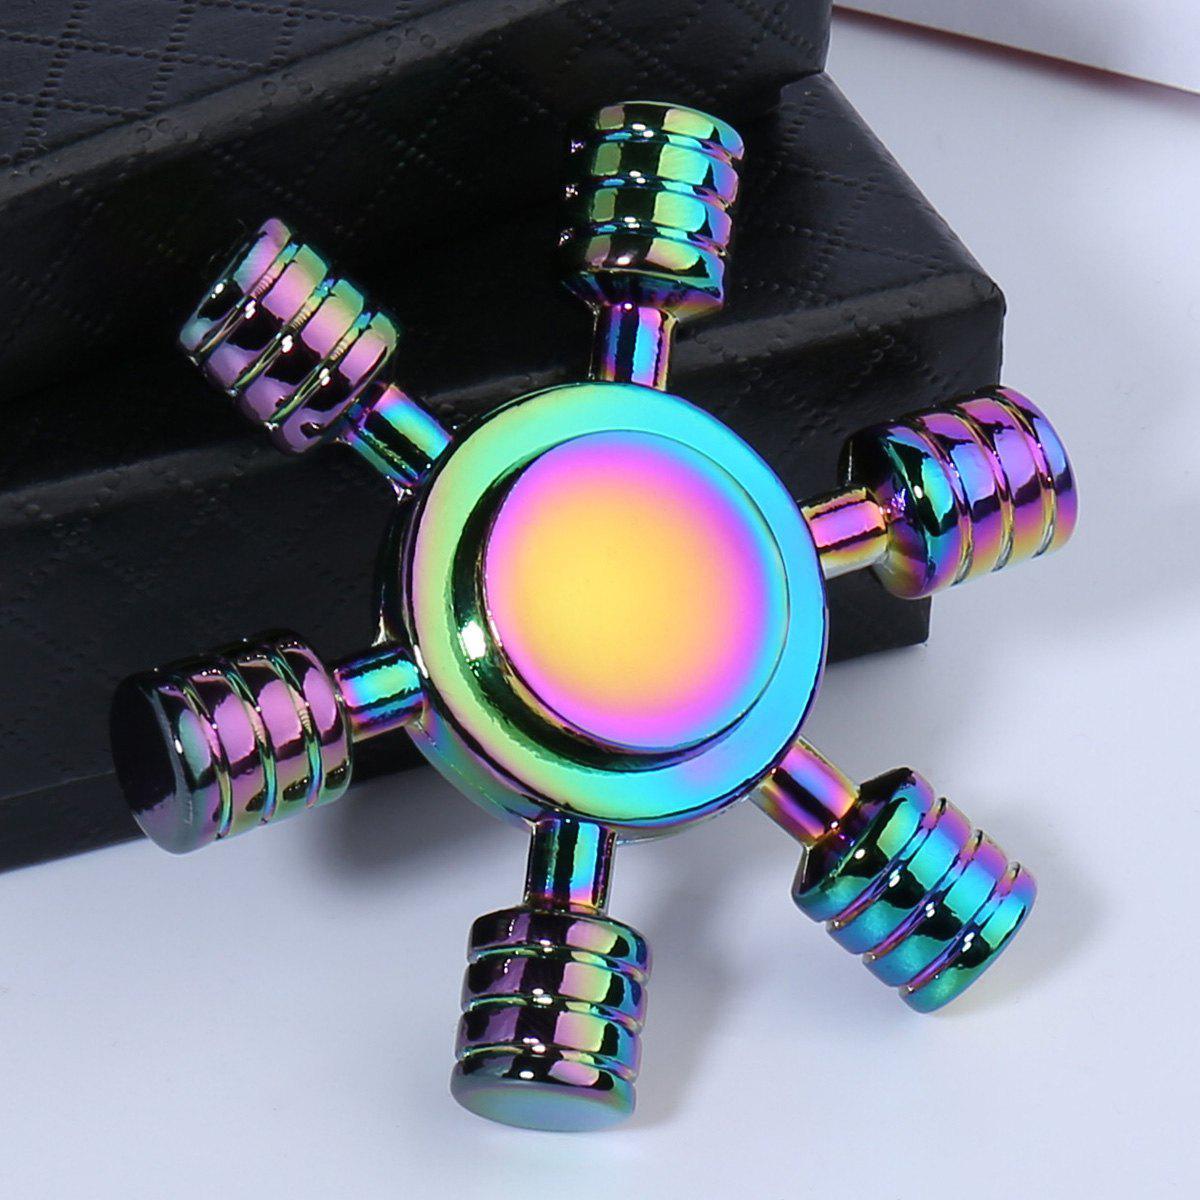 Спиннер разноцветный метал штурвал хамелеон спинер #101004